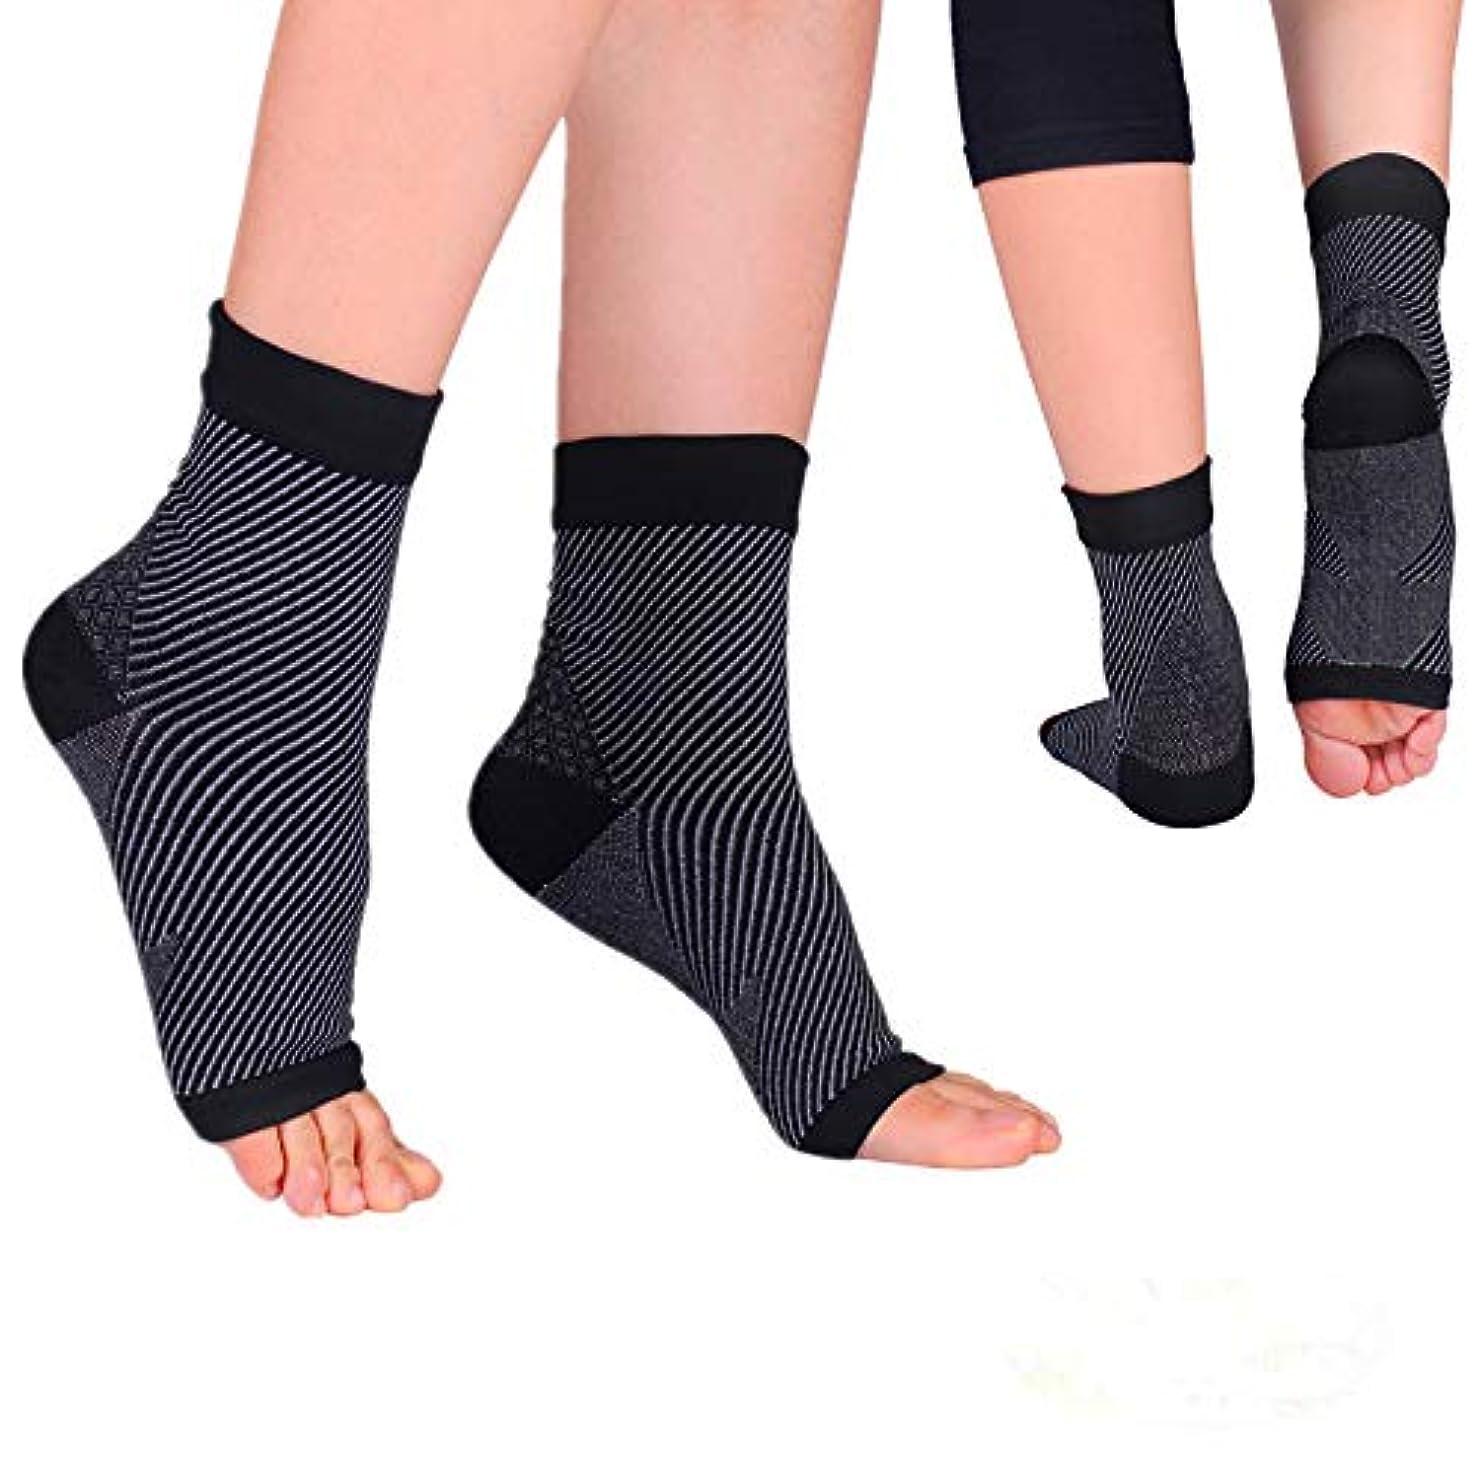 積分持ってる器用通気性足首ソックス 足 サポーター 足首固定足の腫れを軽減する-2枚組